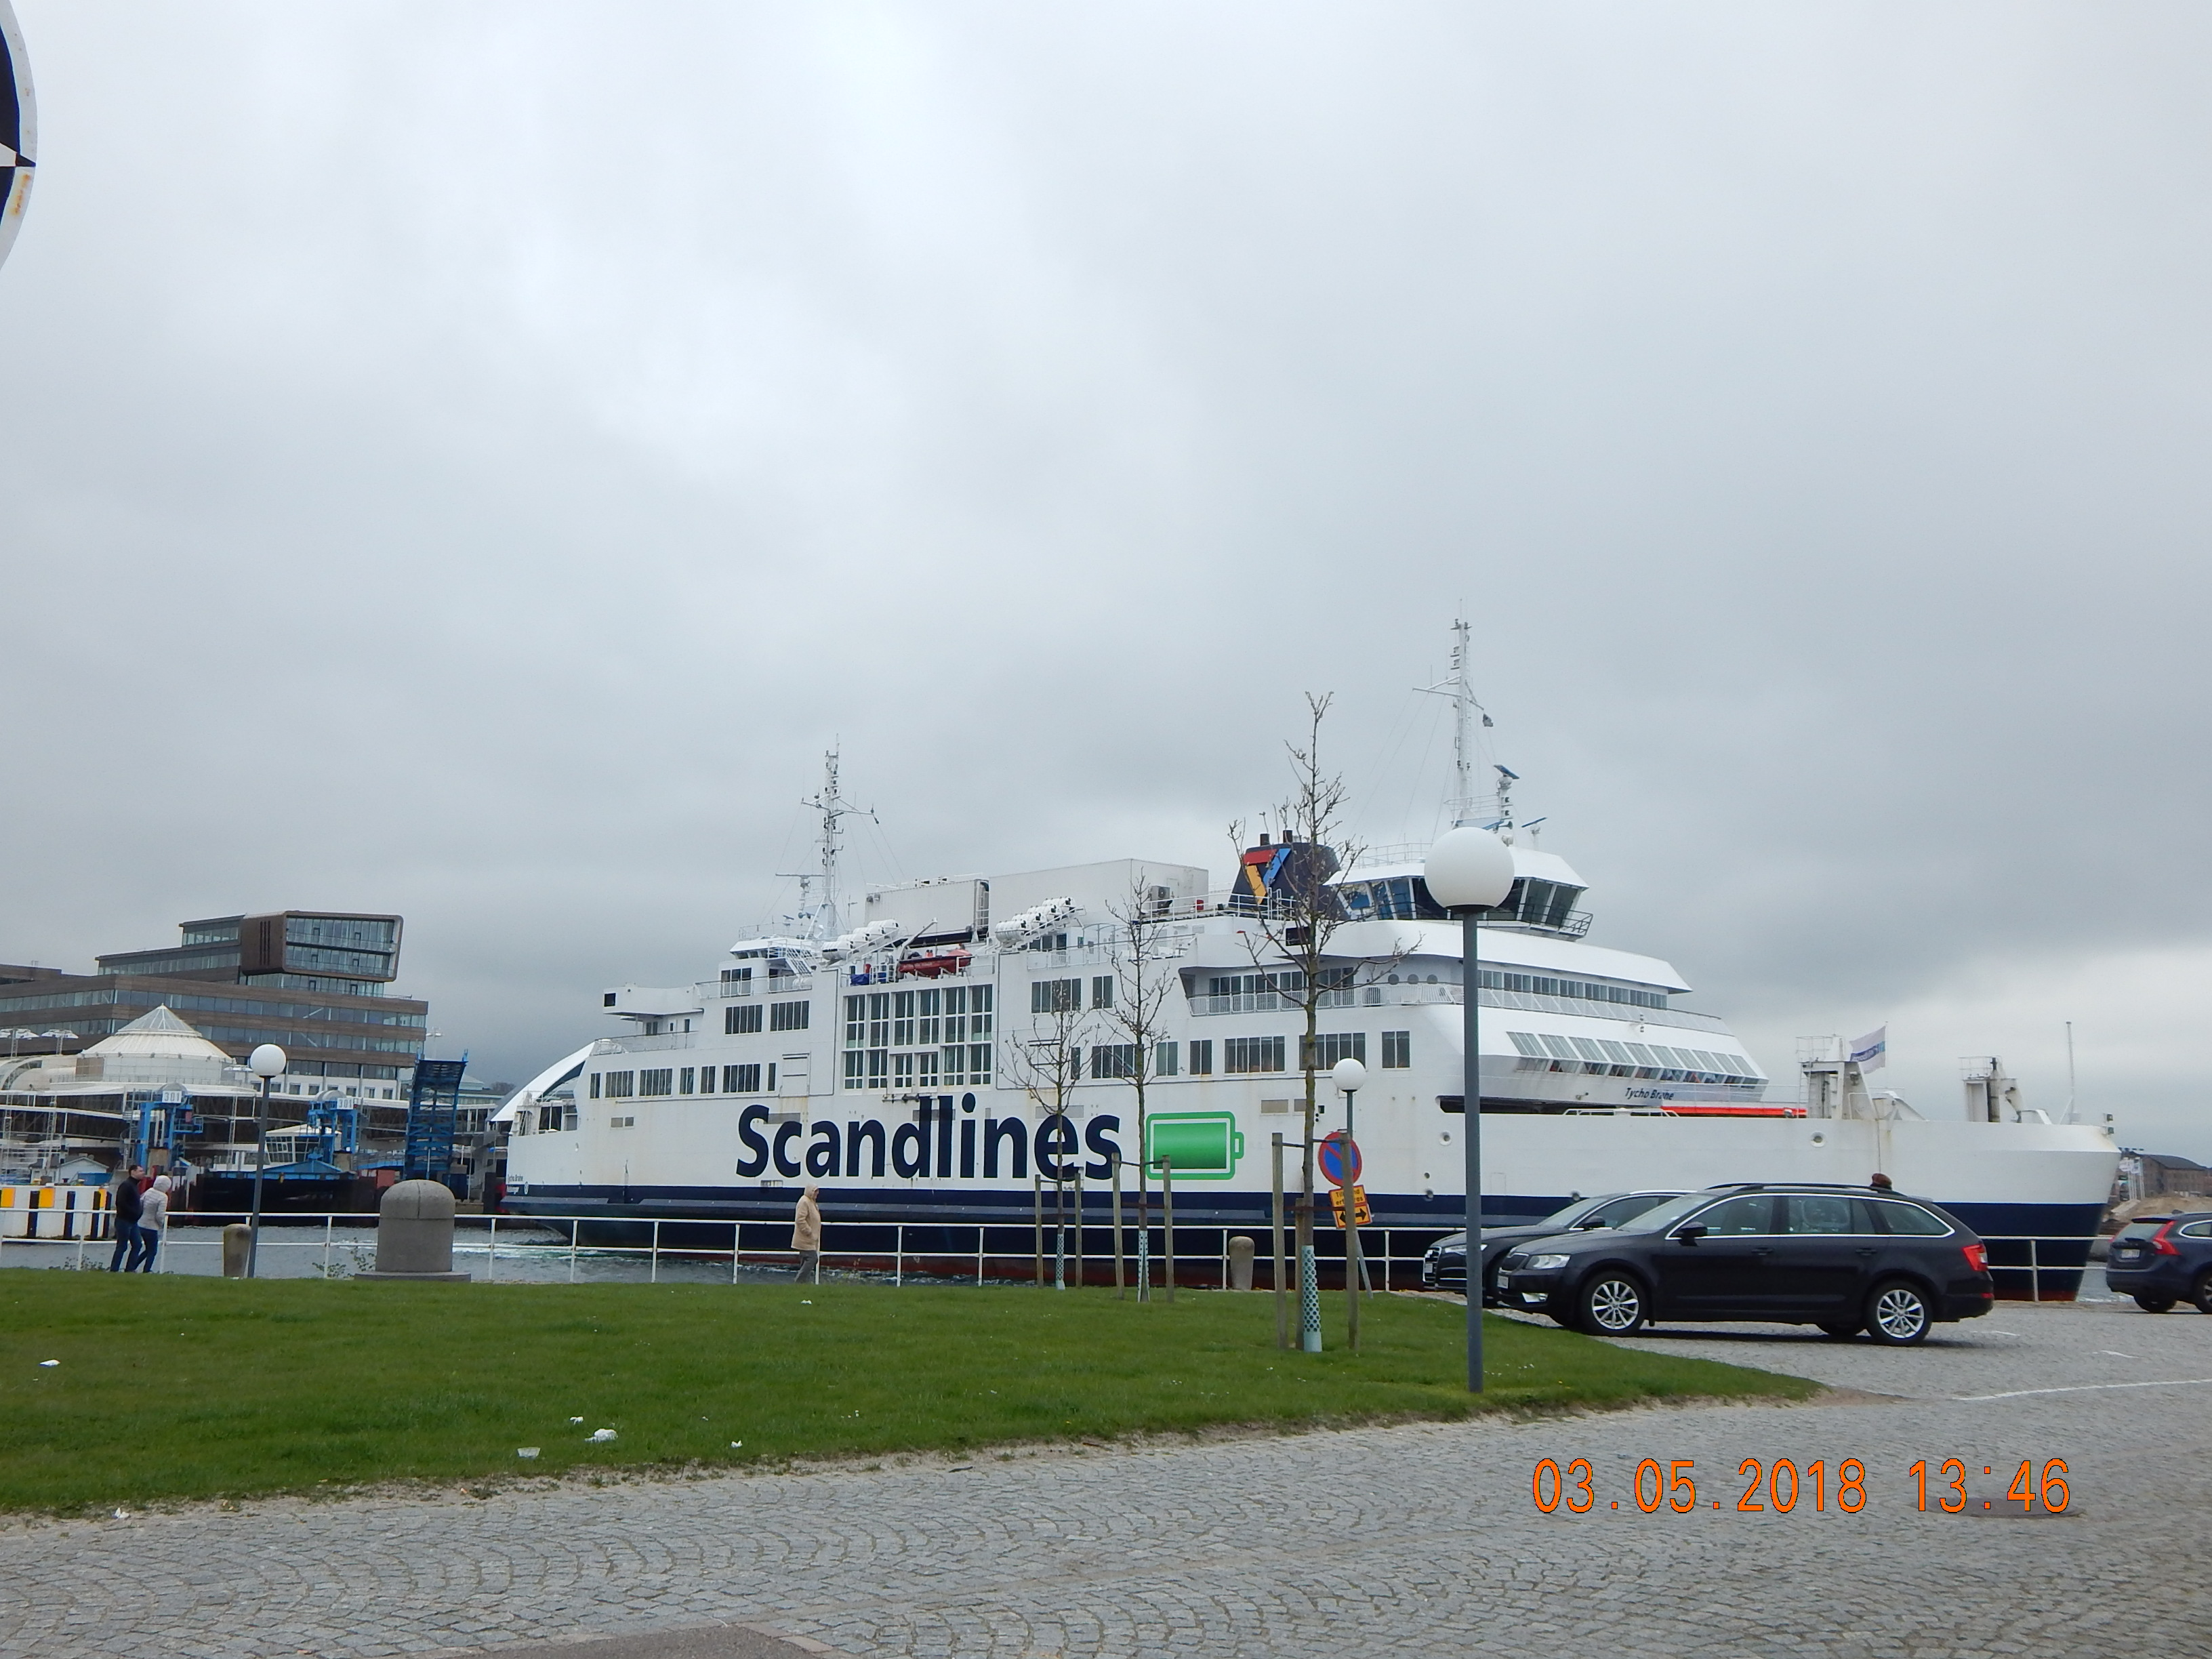 Романтическое путешествие в Скандинавию. - Страница 2 Dscn4313